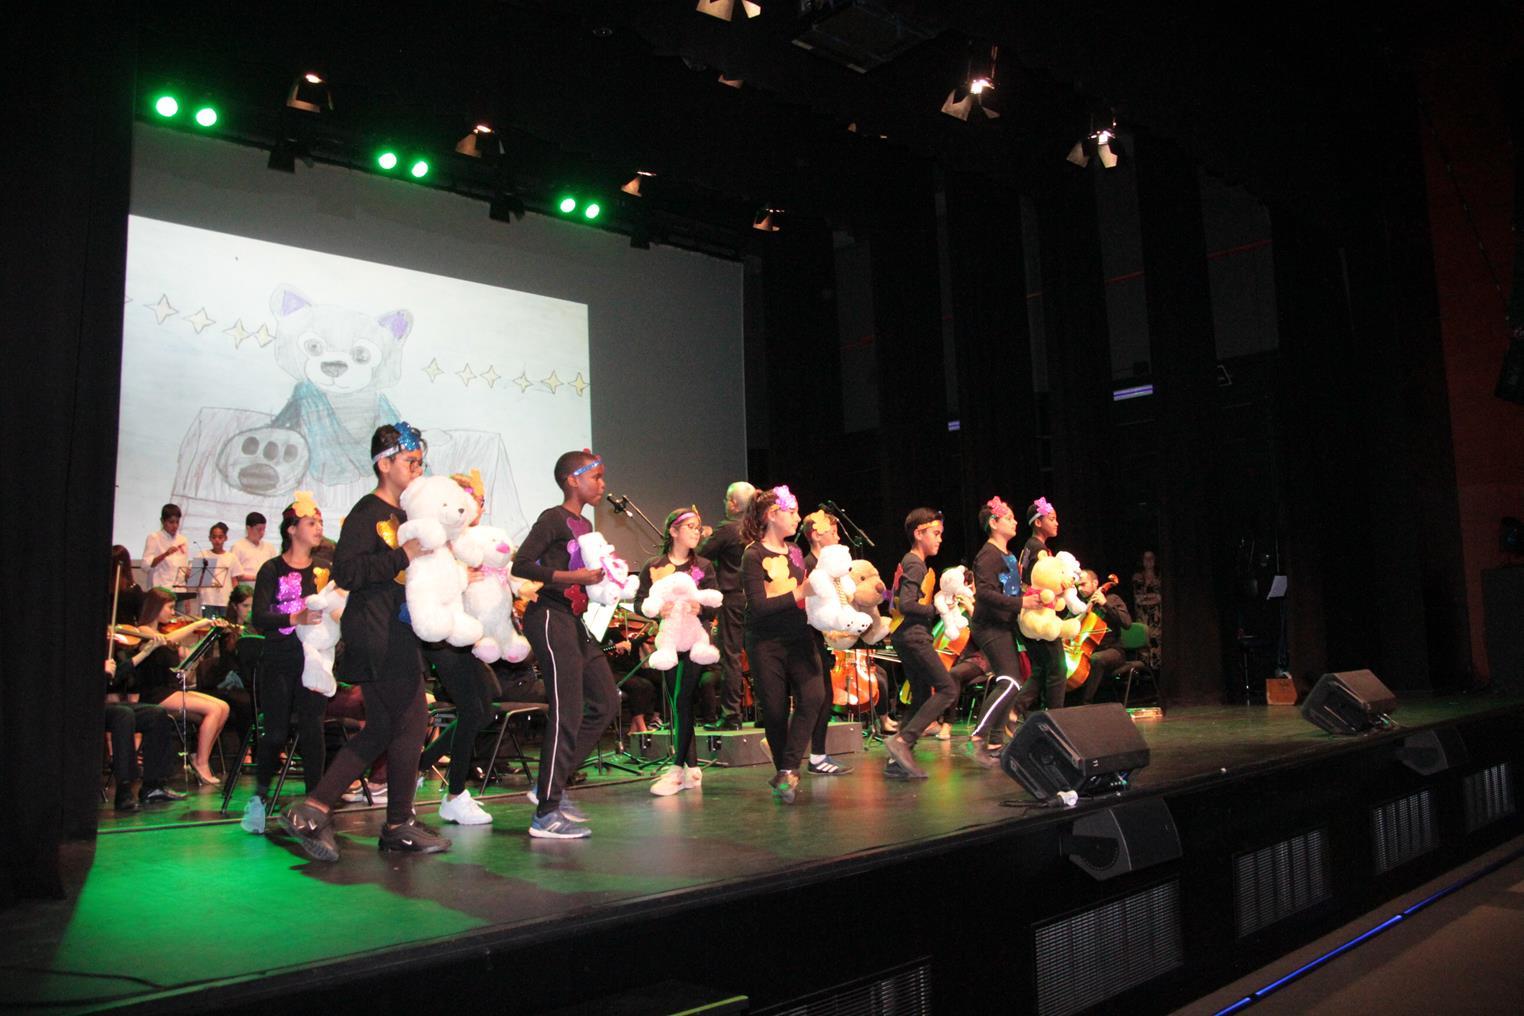 La XVIII Semana de la Música del CIEM concluye con el concierto didáctico 'La sinfonía de los juguetes'